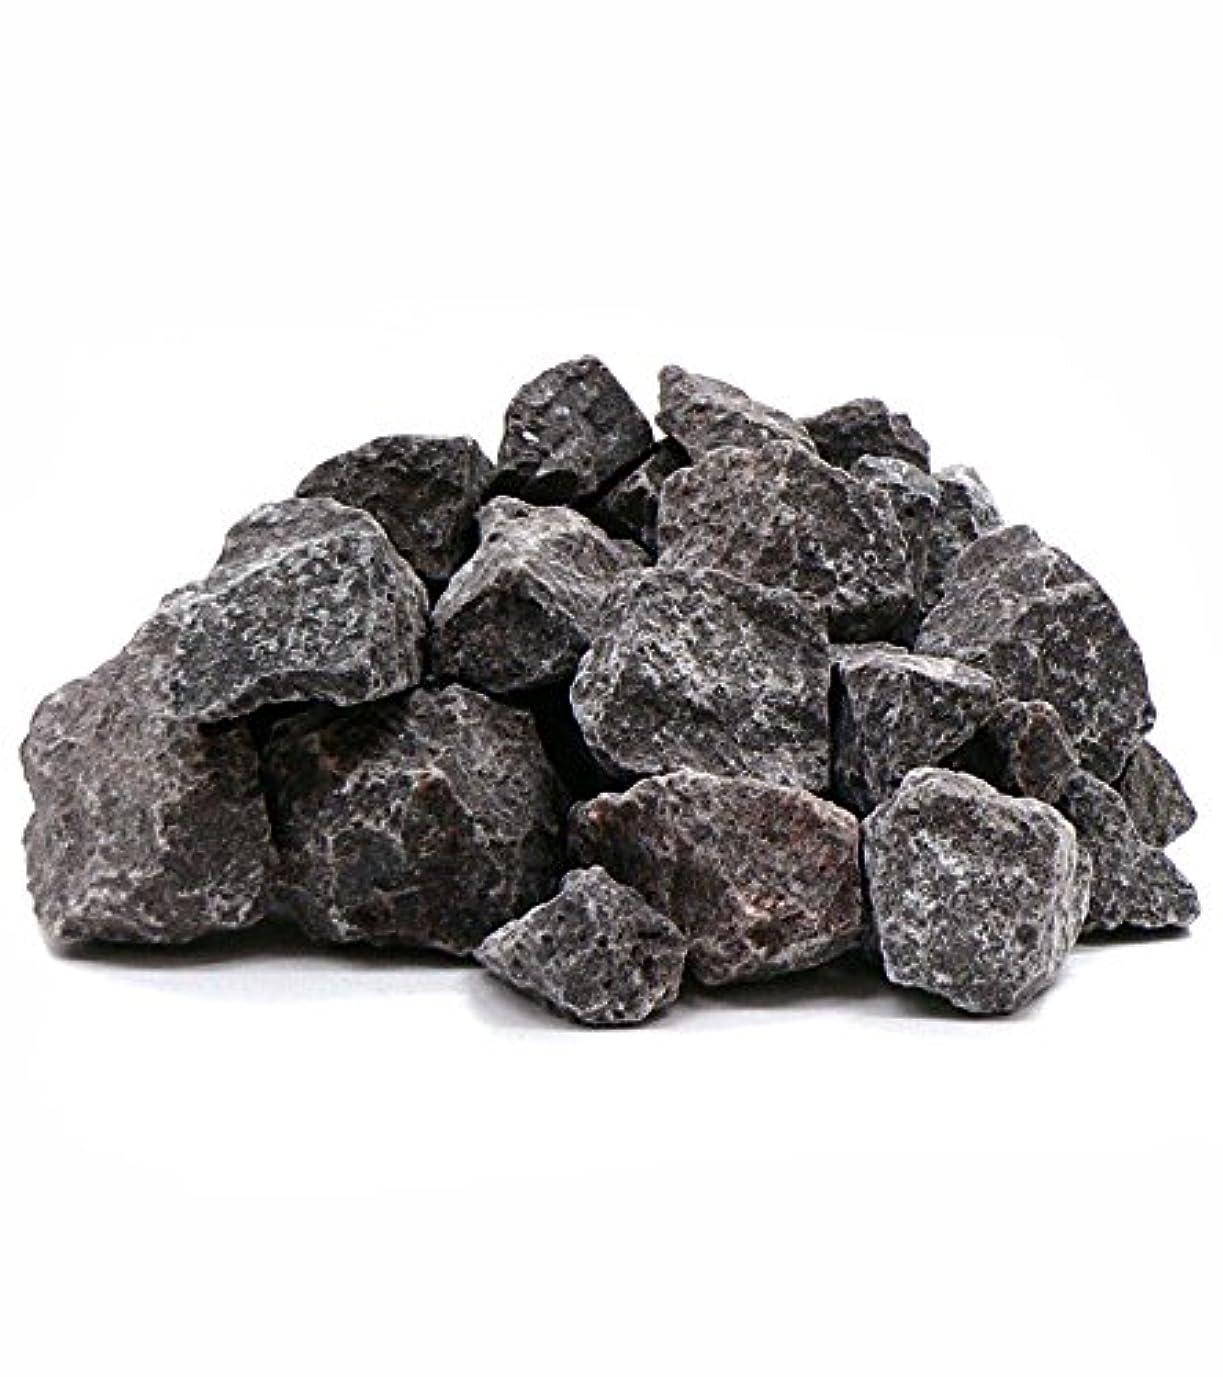 甲虫かけがえのない望まないヒマラヤ岩塩 ブラックソルト 入浴用 バスソルト(塊?ブロック)2kg 黒岩塩 ブラック岩塩